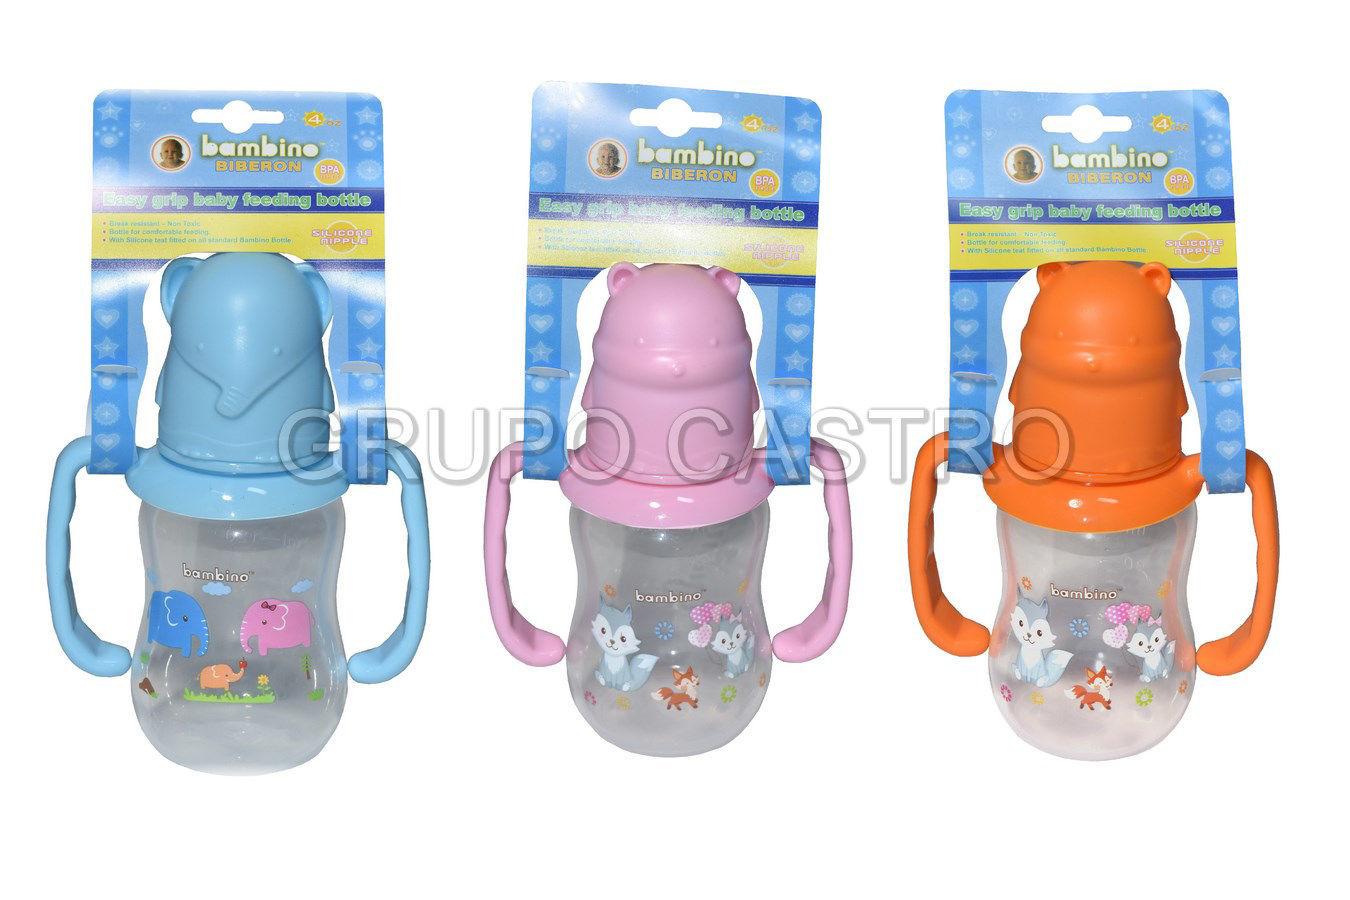 Foto de CHUPON 4 ONZ BBID-141 BAMBINO LIBRE BPA